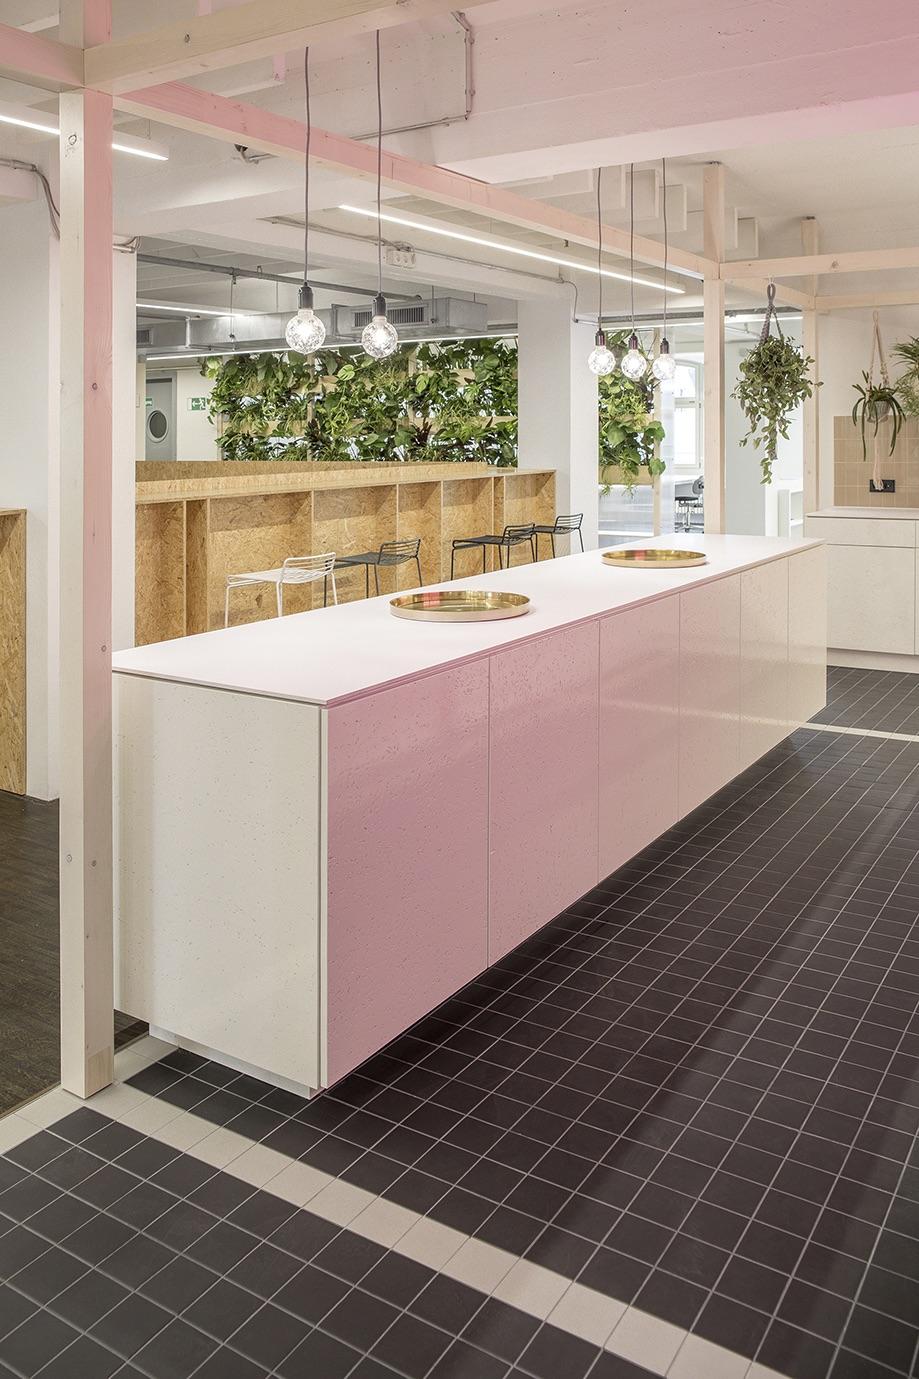 razorfish-berlin-office-6